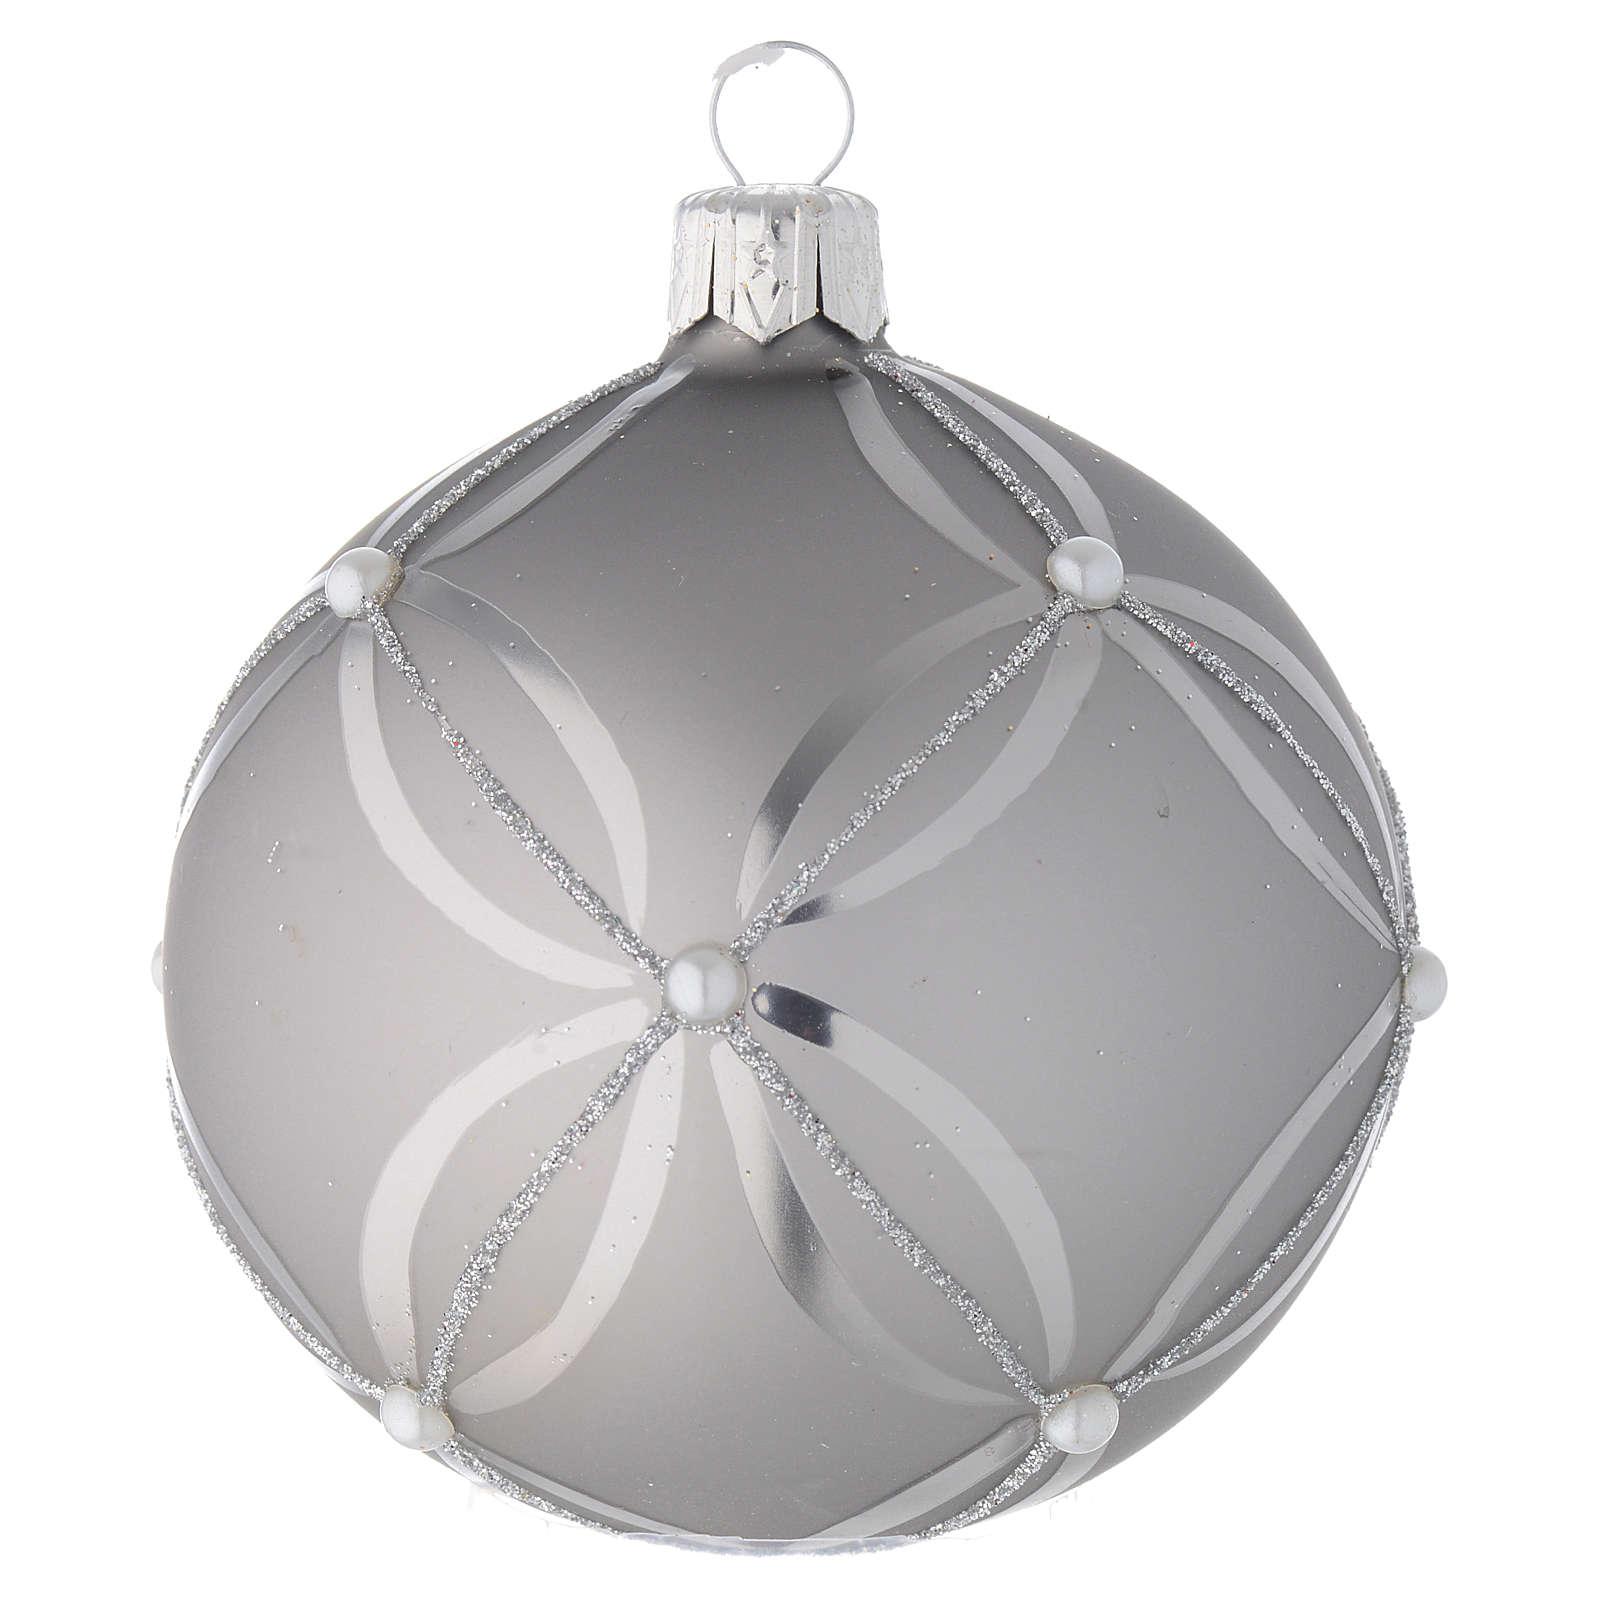 Addobbo vetro palla argento lucido/opaco 80 mm 4